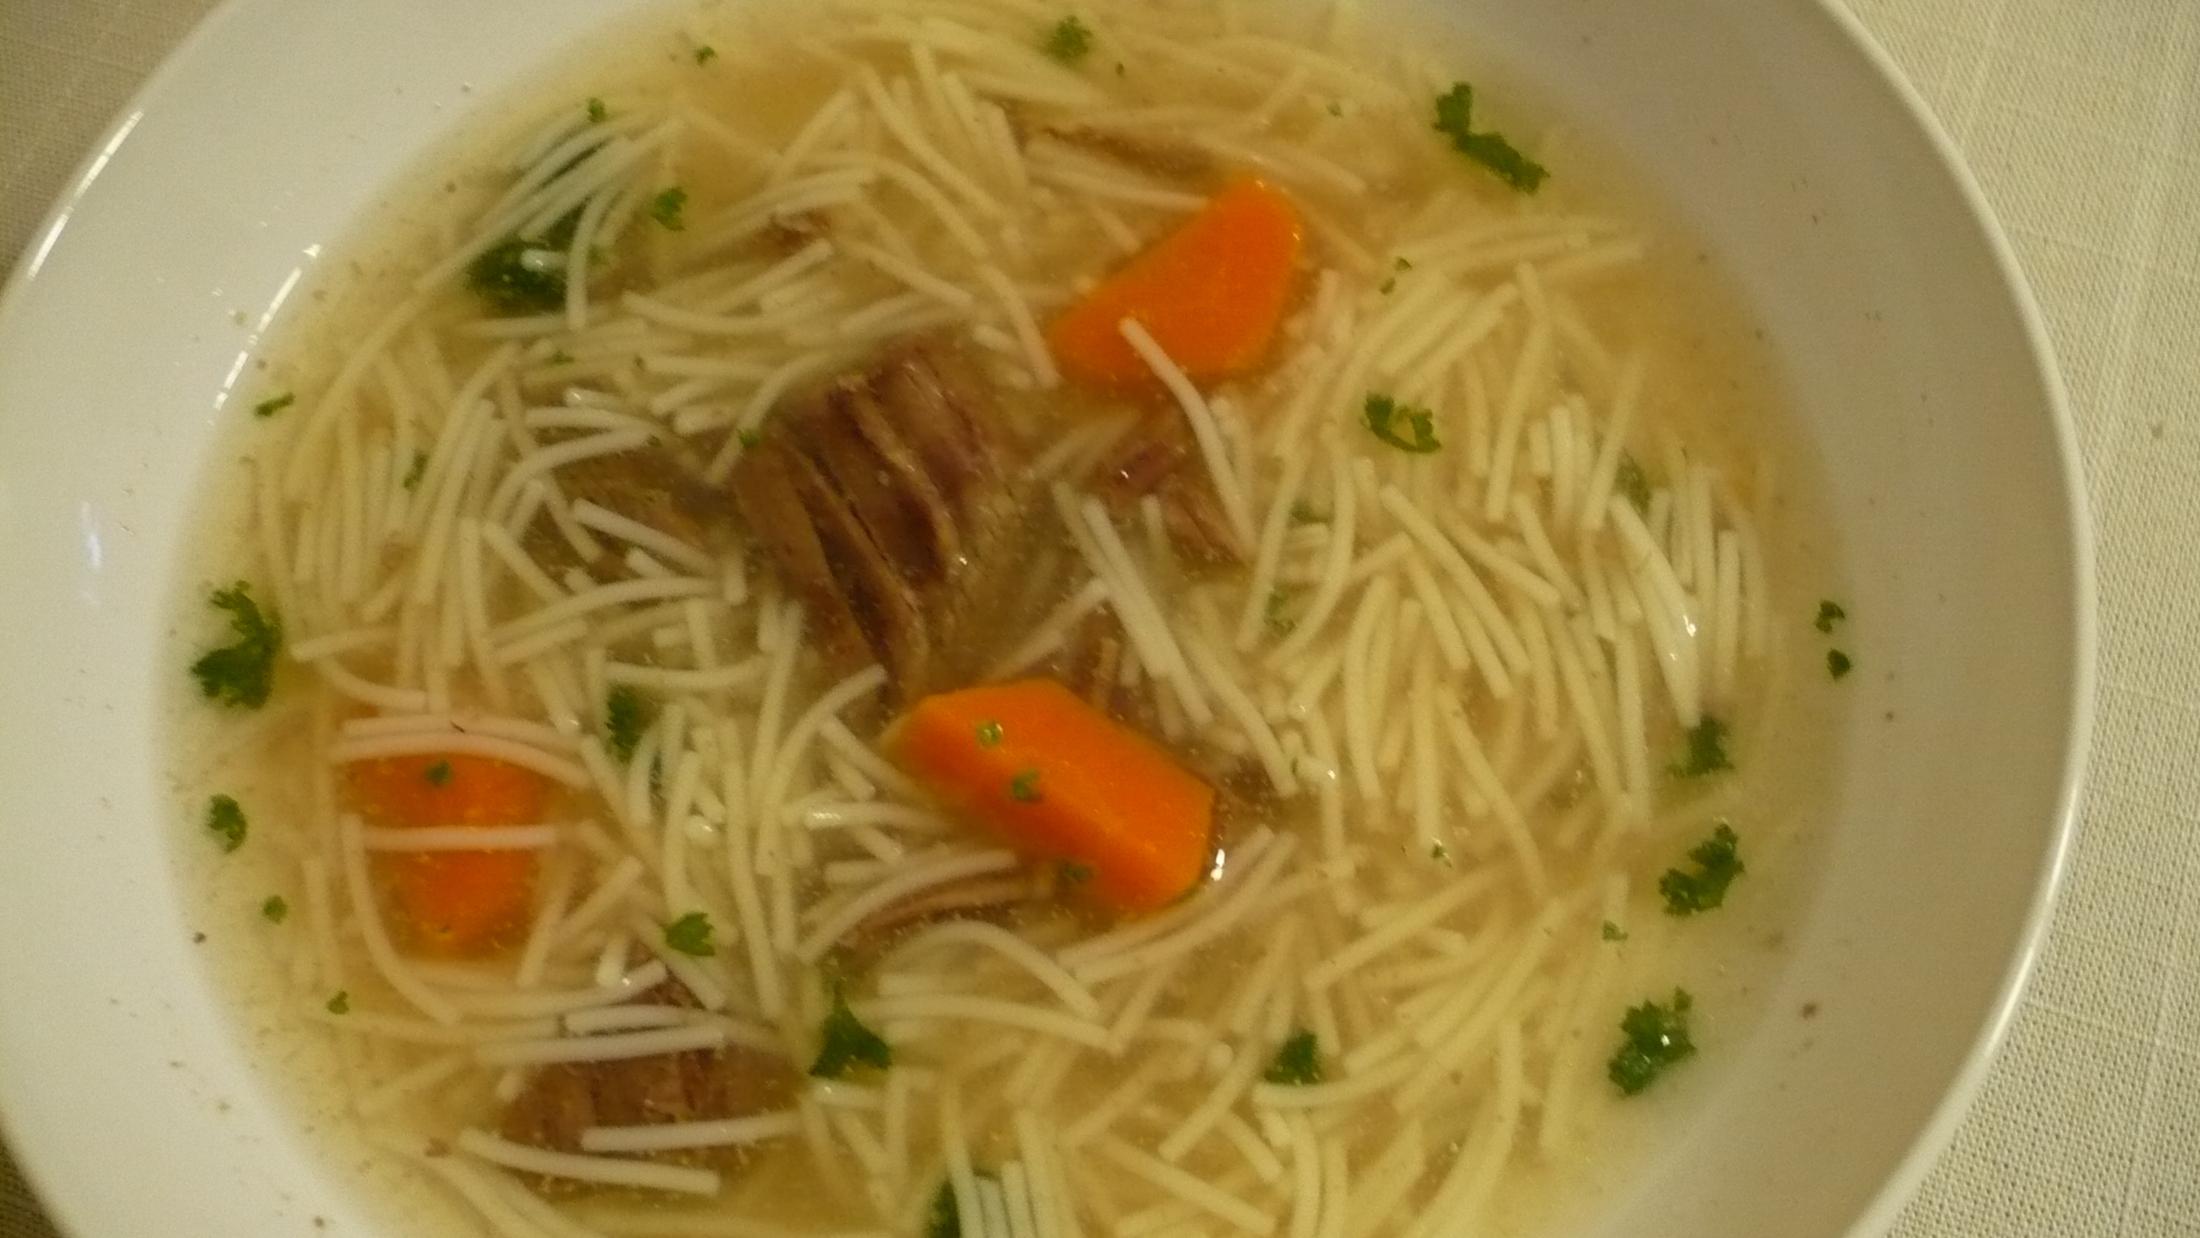 Poctivá hovězí polévka s nudličkami